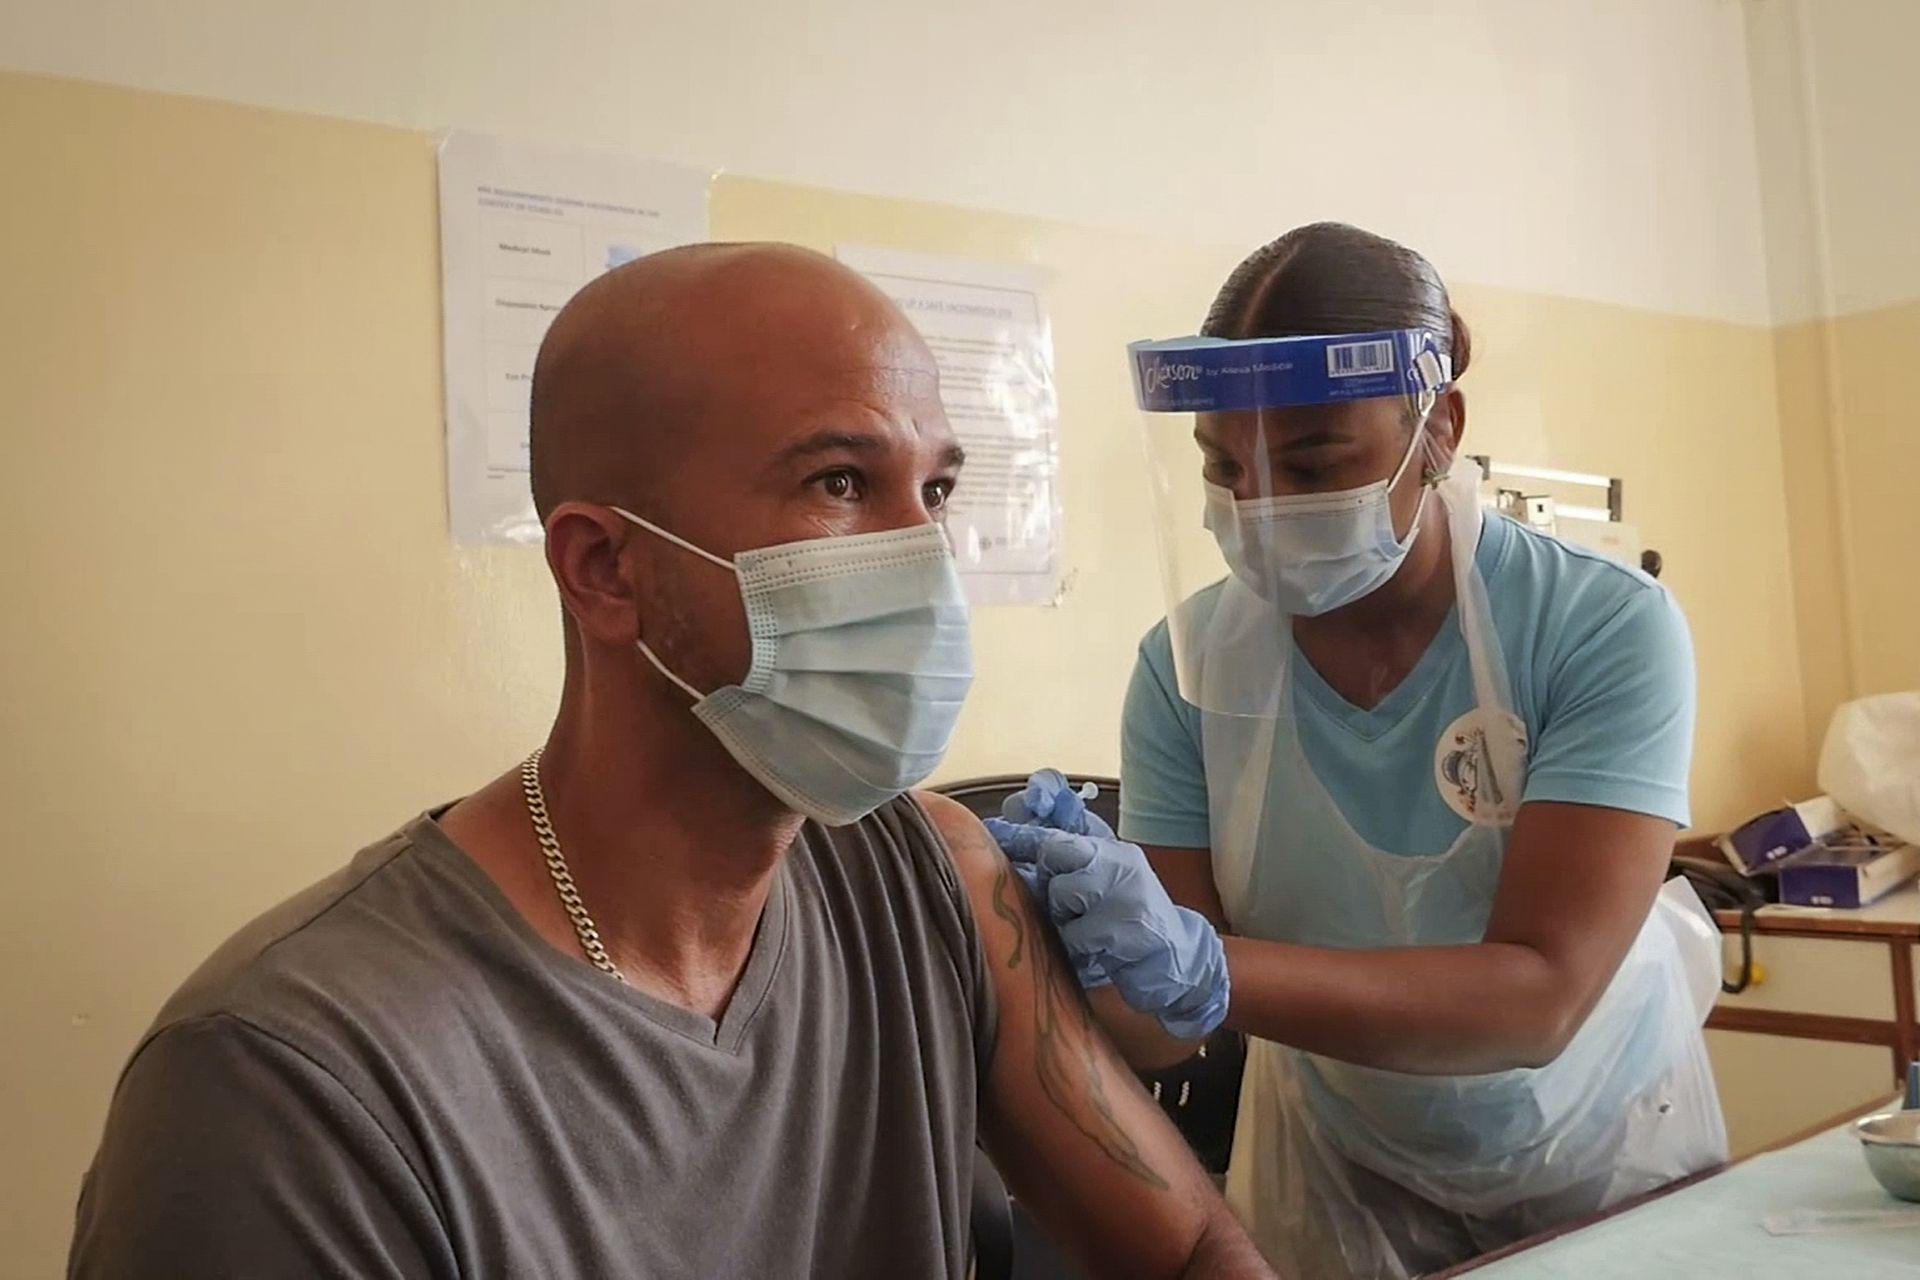 SEYCHELLES: Un paciente recibe una inyección de la vacuna contra el coronavirus 'Covishield' 'fabricada por el Serum Institute of India de una enfermera en un hospital en la capital, Victoria, Mahe Island, Seychelles, el miércoles 24 de febrero de 2021.